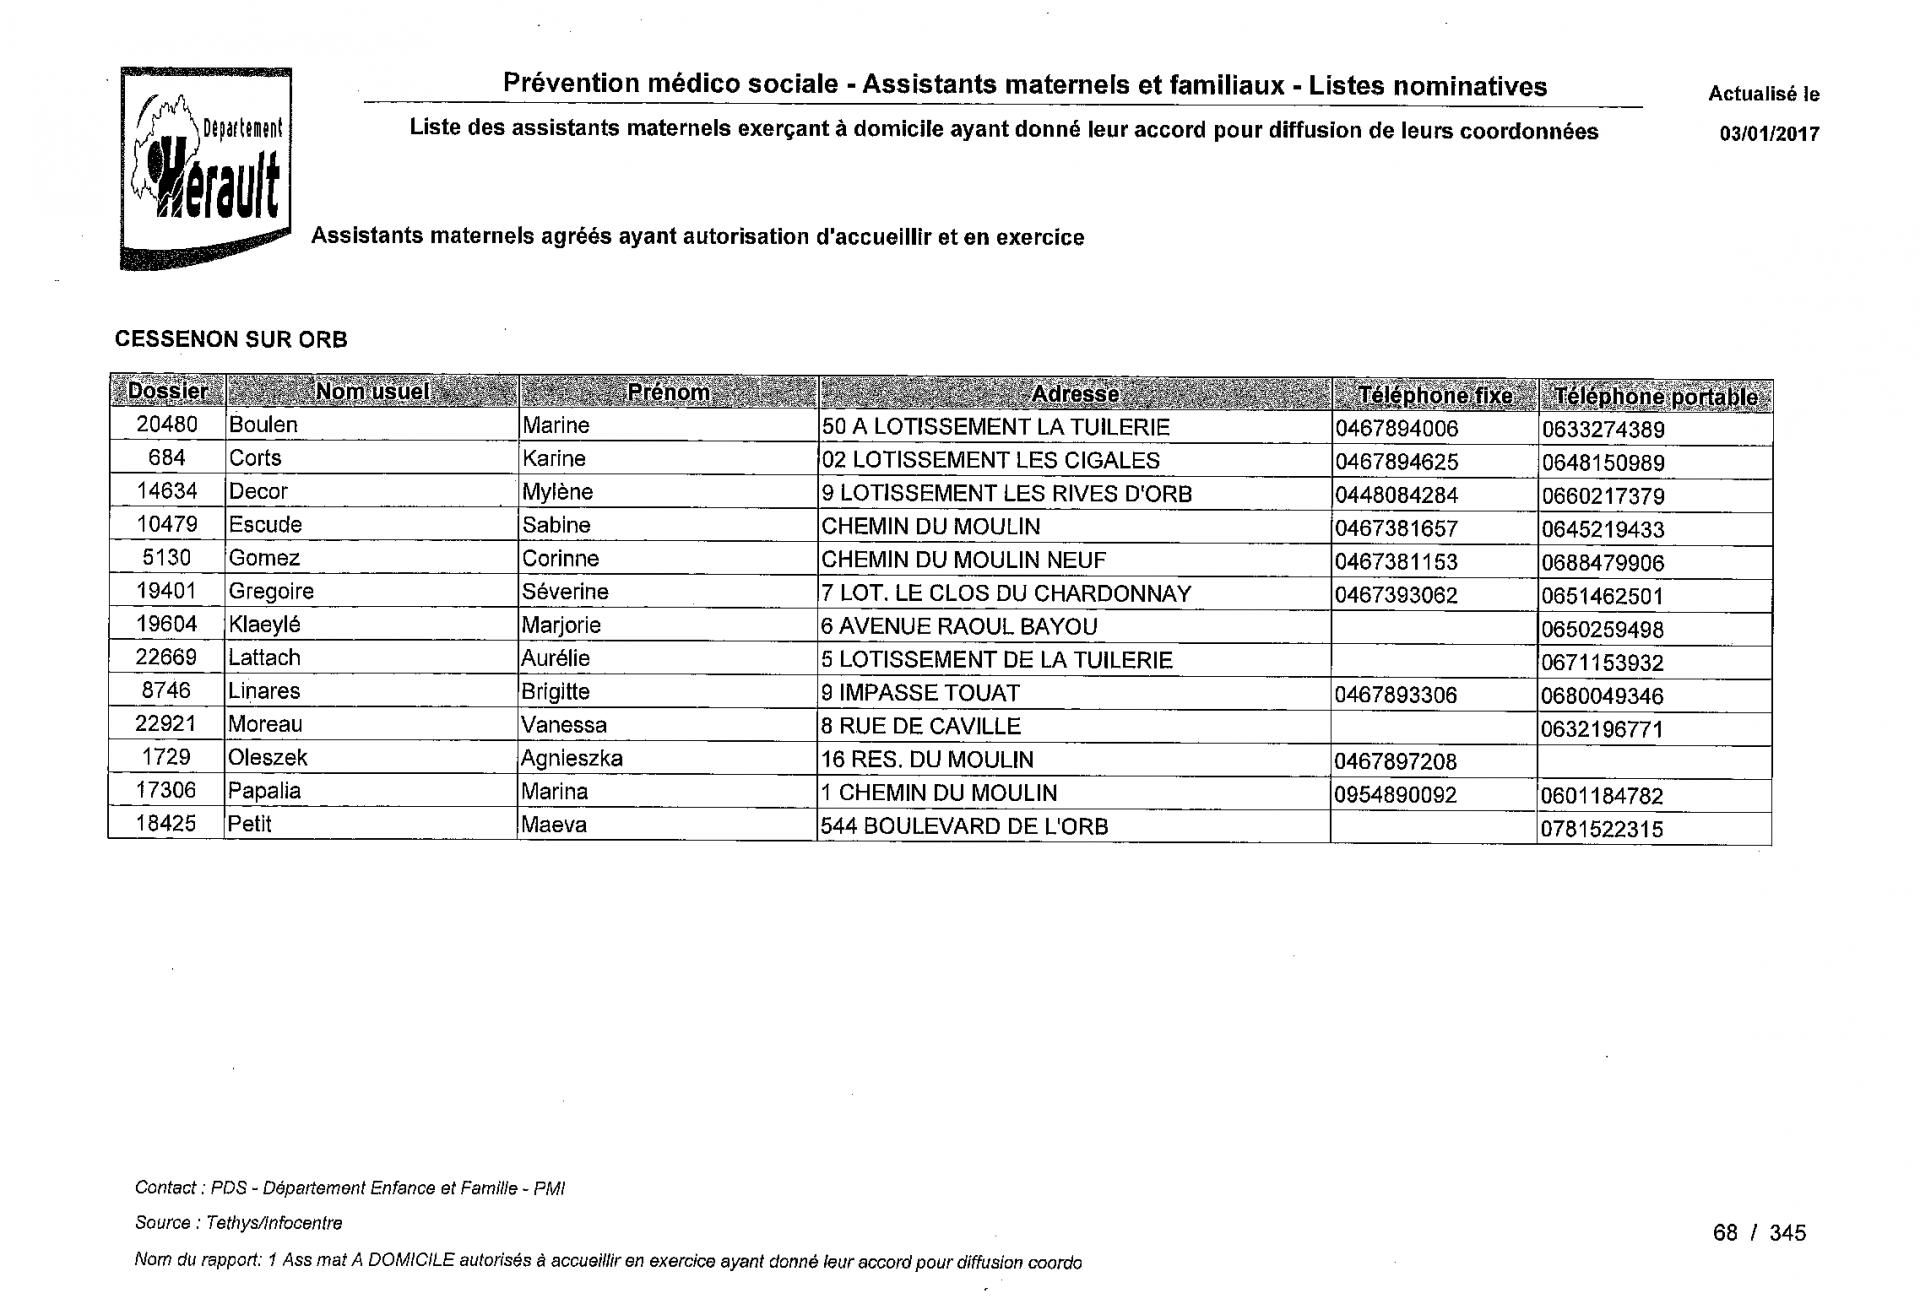 2017 01 11 liste assistantes maternelles